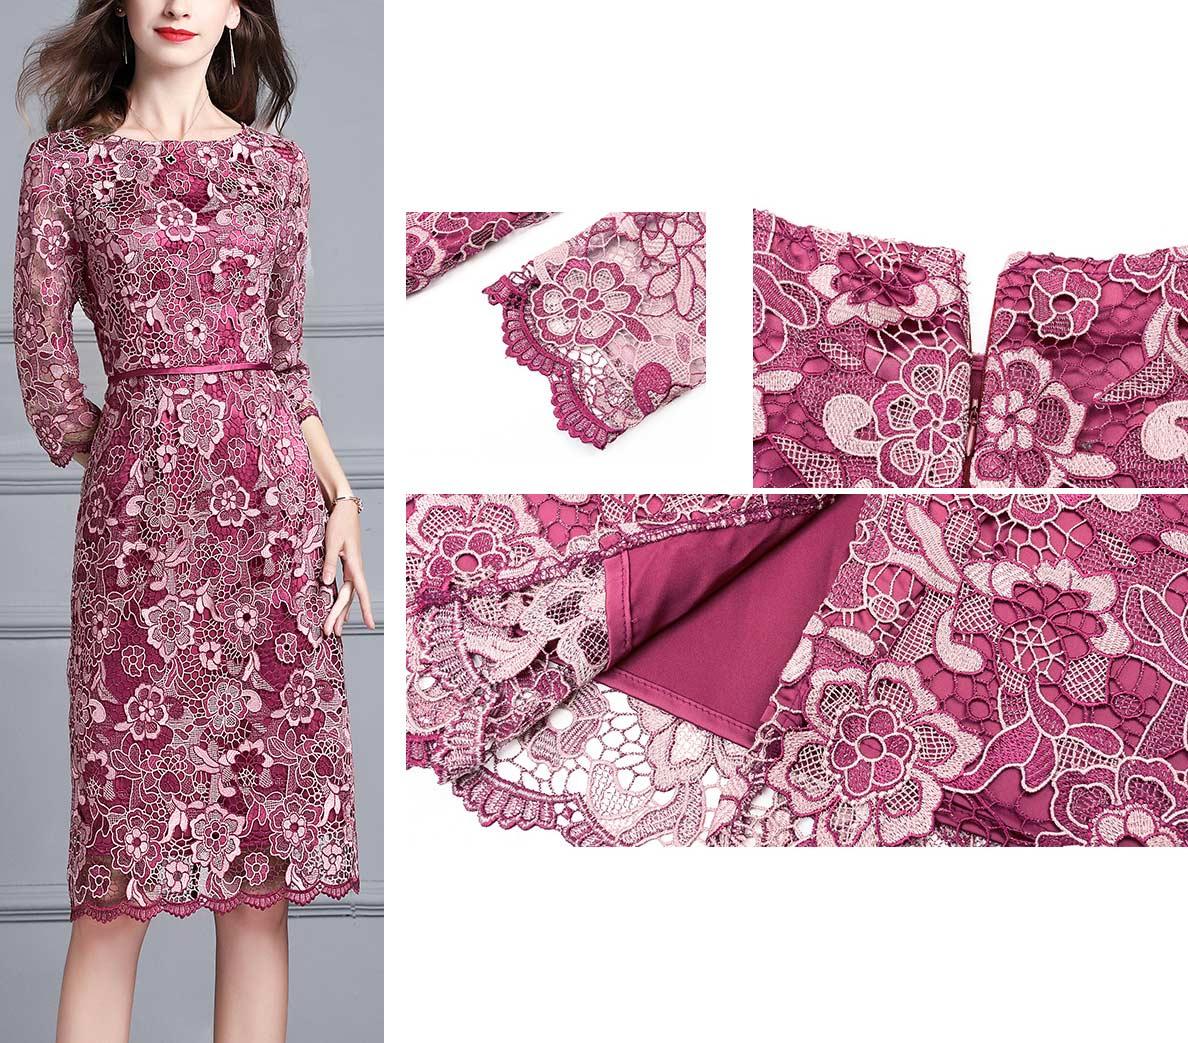 robe cocktail rose fuchsia dentelle avec manches pour mètre de marié au mariage 2019